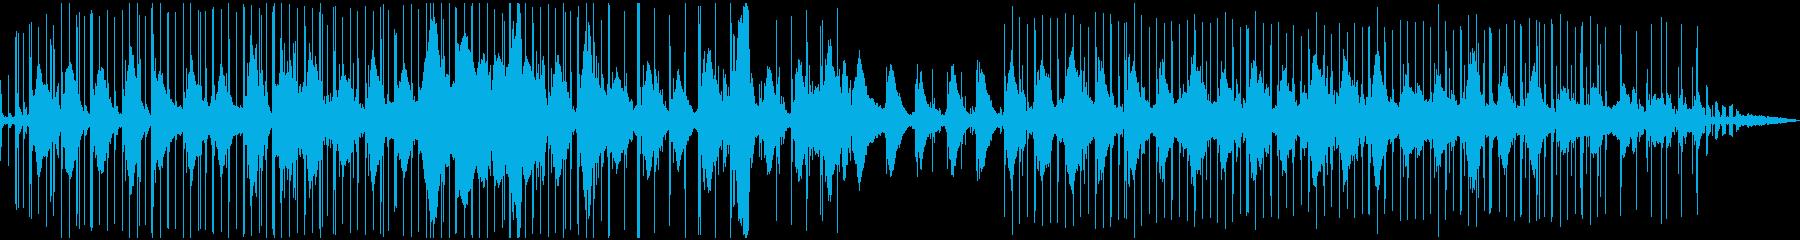 カモメが海の上を飛んでいるような電子音楽の再生済みの波形